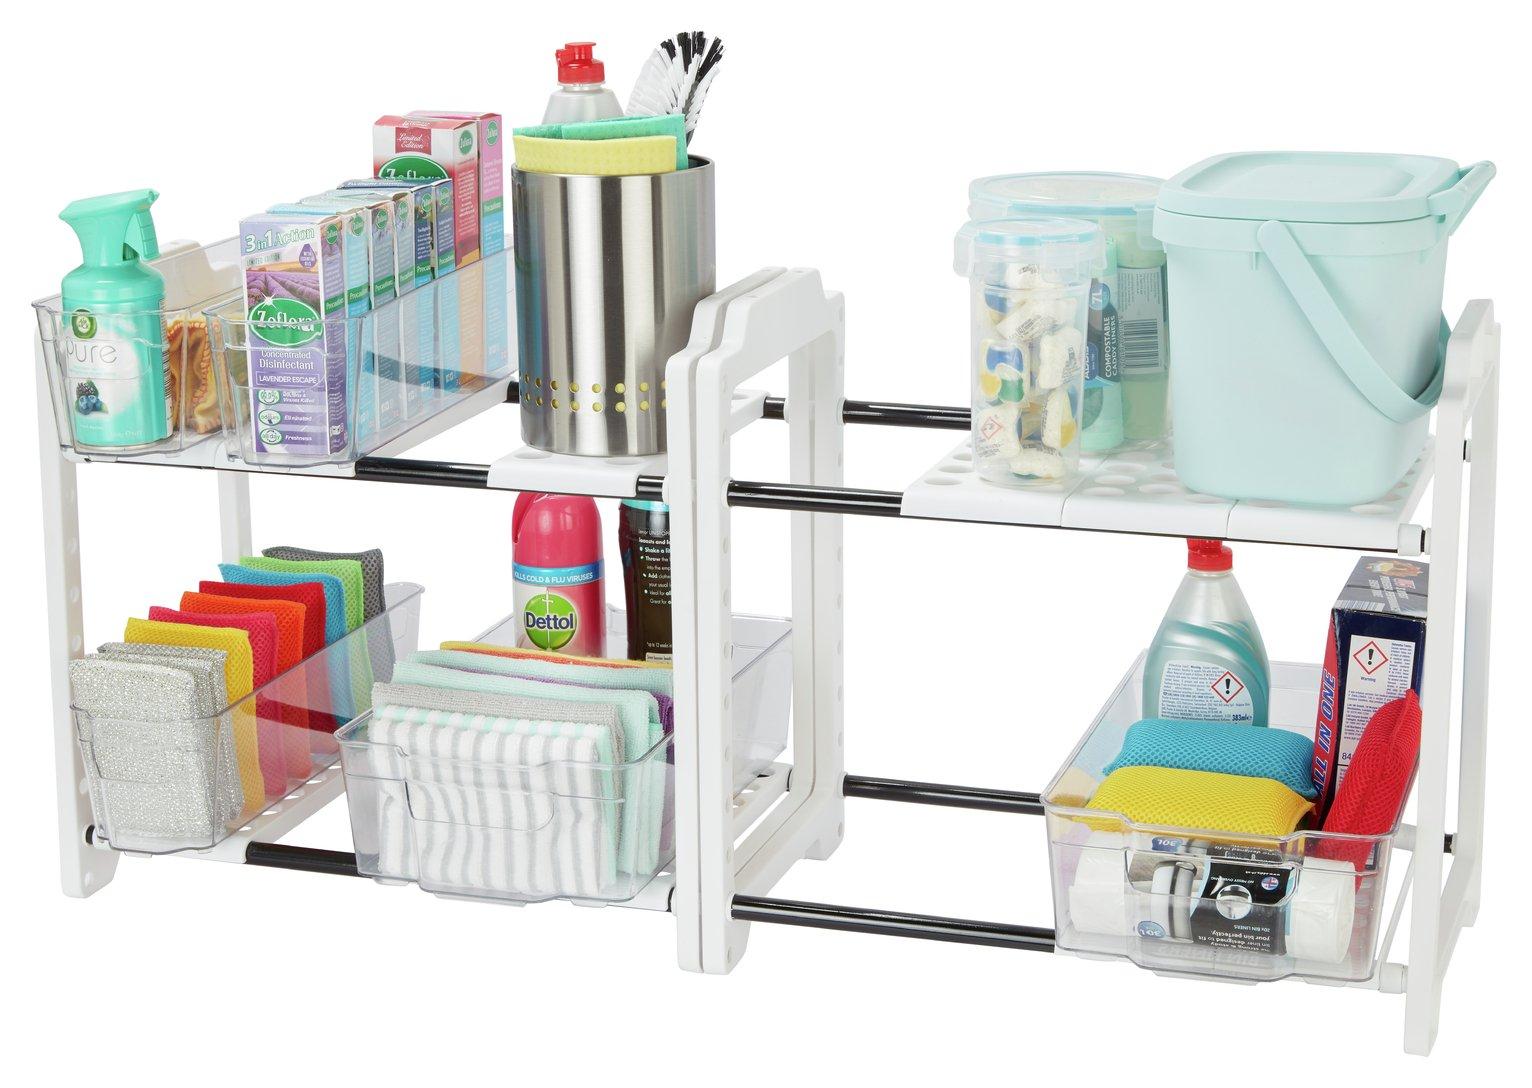 Organiser Meuble Sous Evier détails sur meuble de rangement encastrable sous évier blanc facile étagère  étagères organisateur espace étagères addis- afficher le titre d'origine